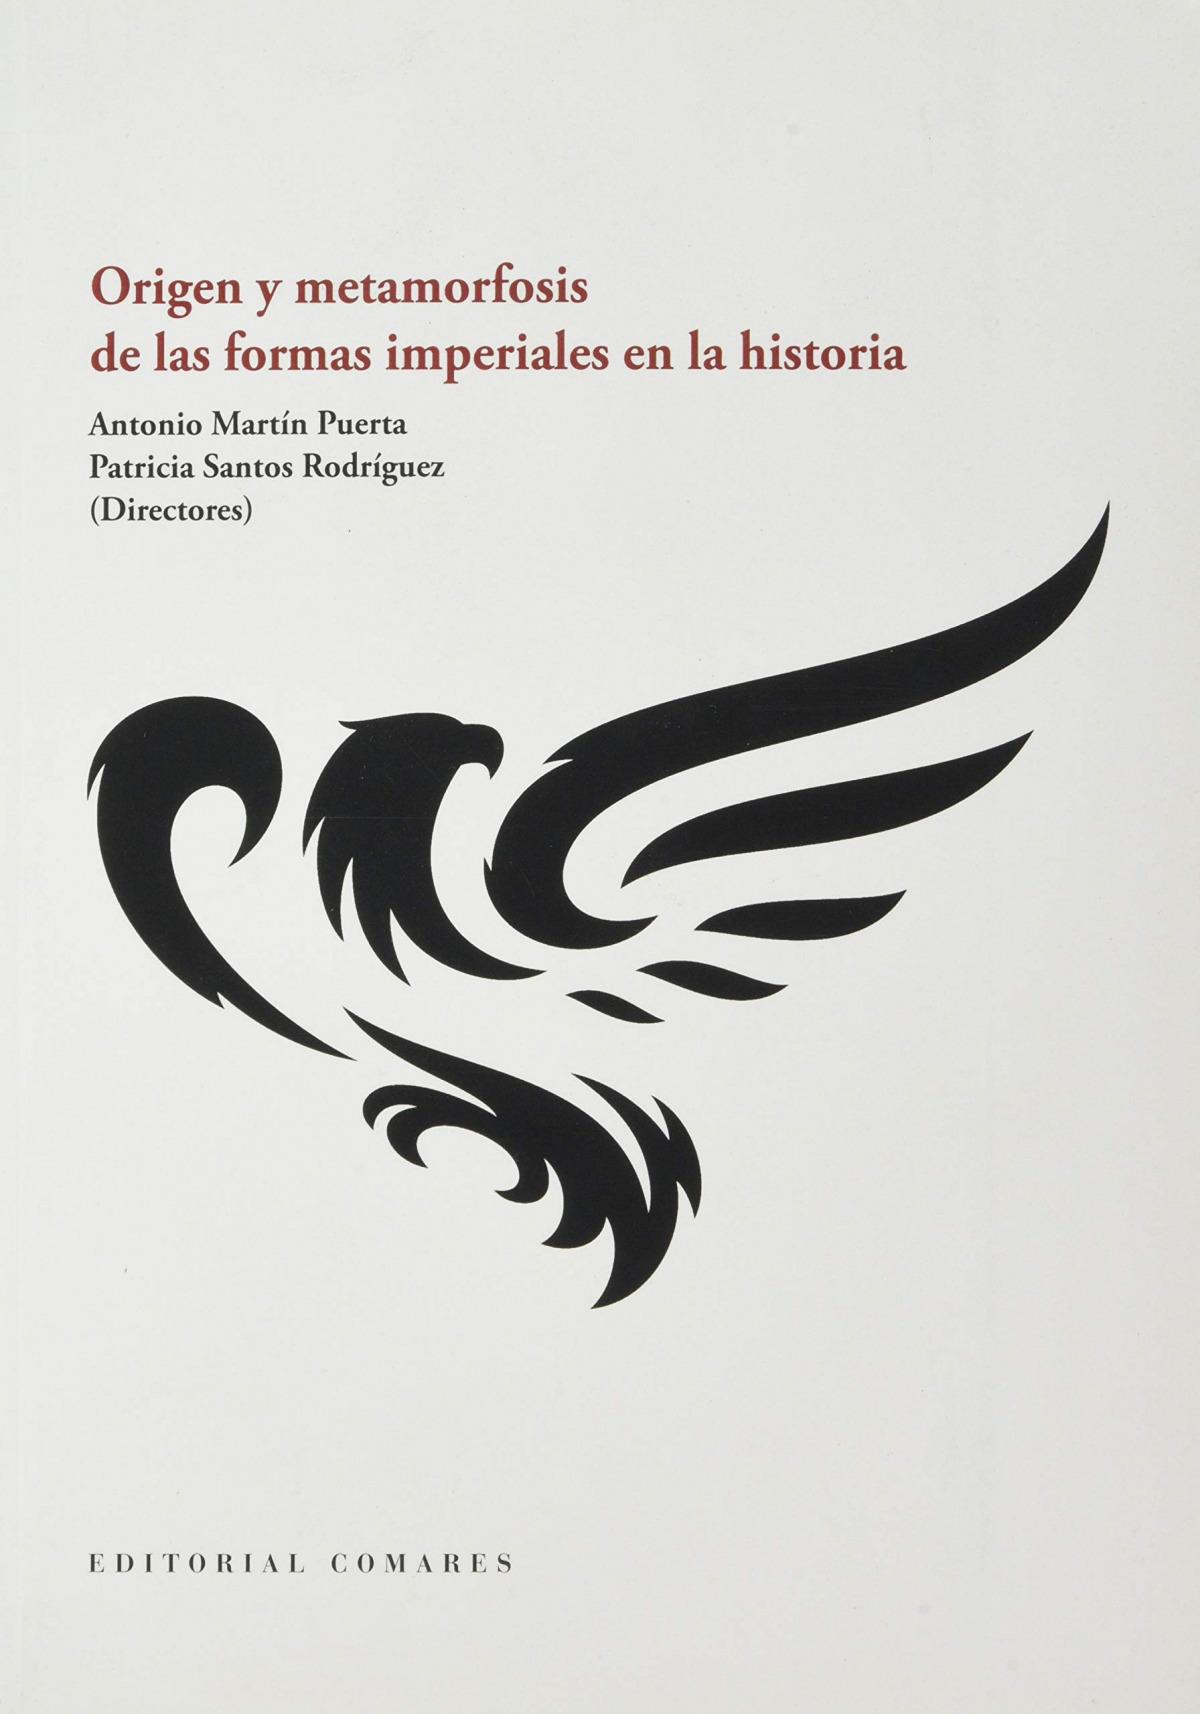 Origen y metamorfosis de las formas imperiales en historia 9788413690681